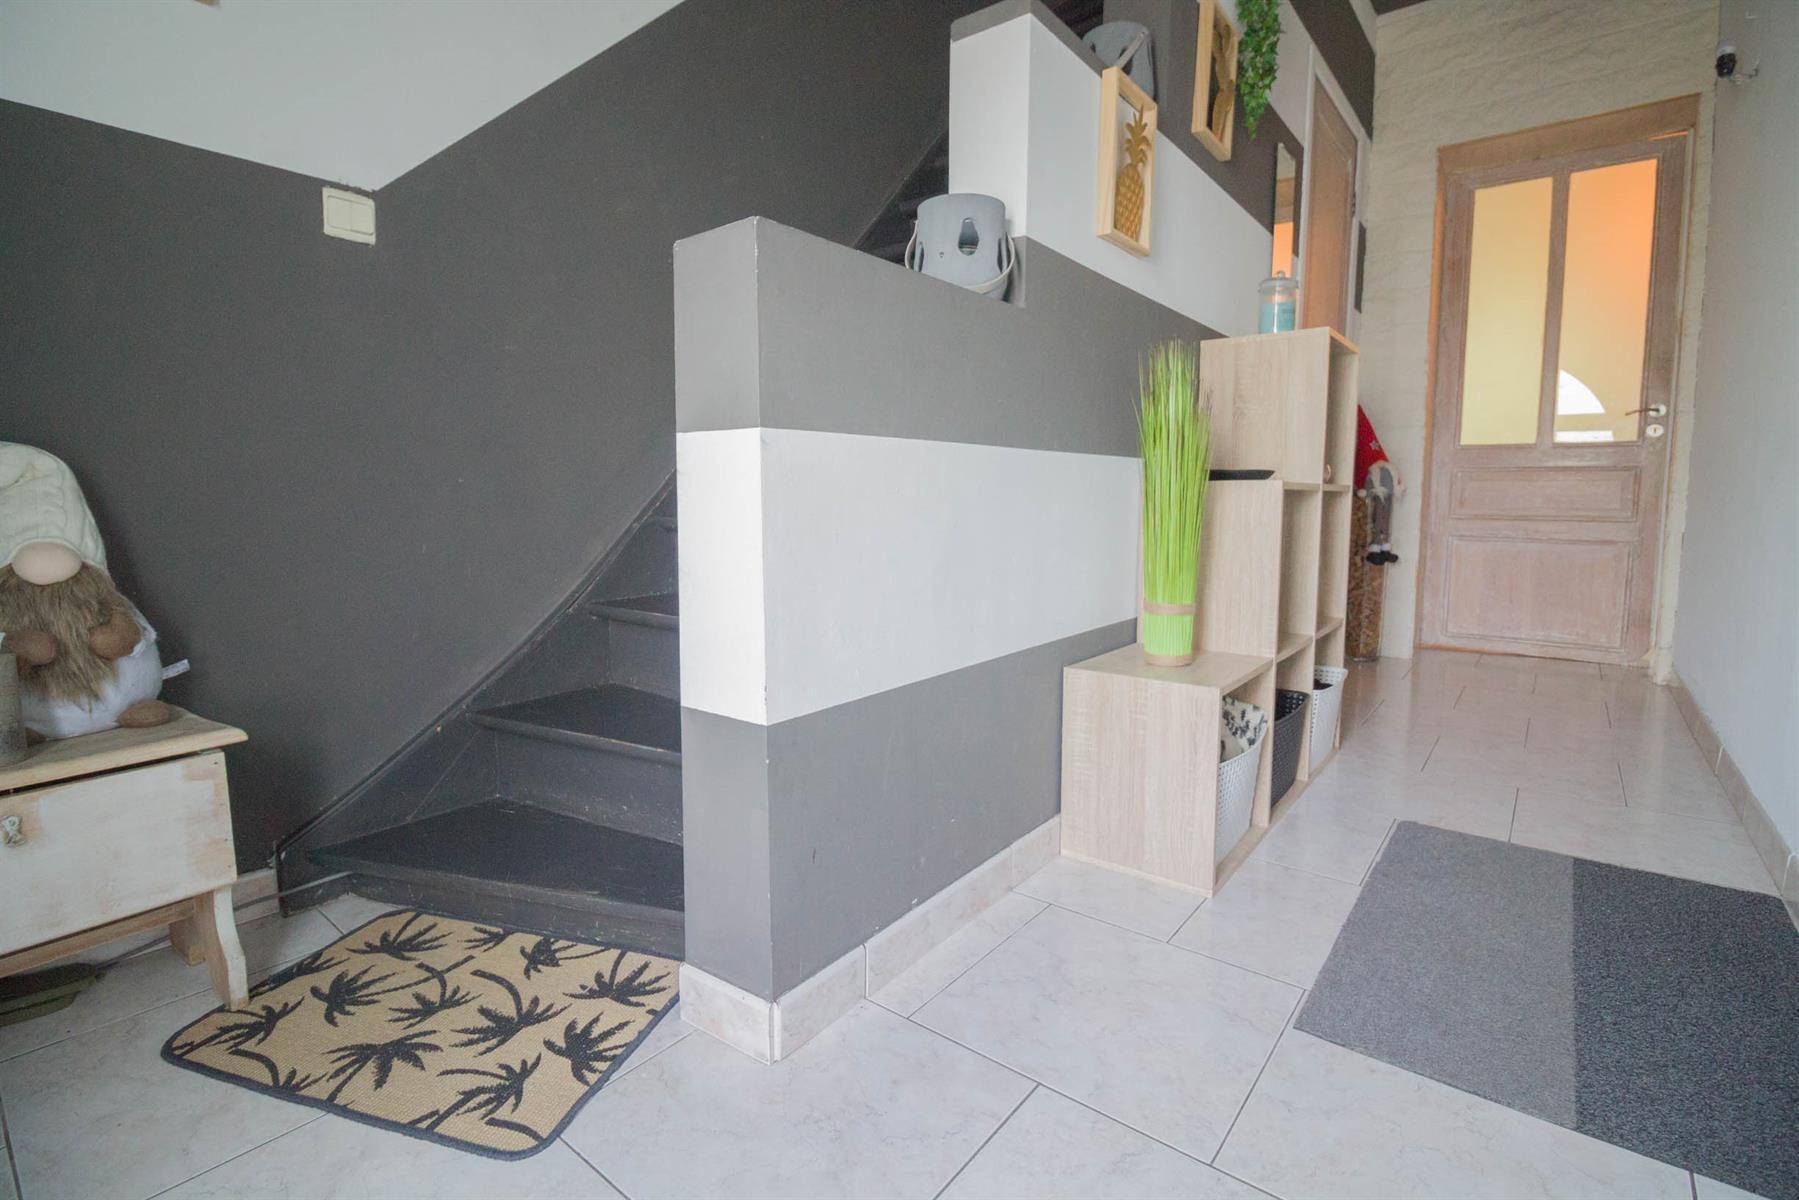 Maison - Forchies-la-Marche - #4381660-3